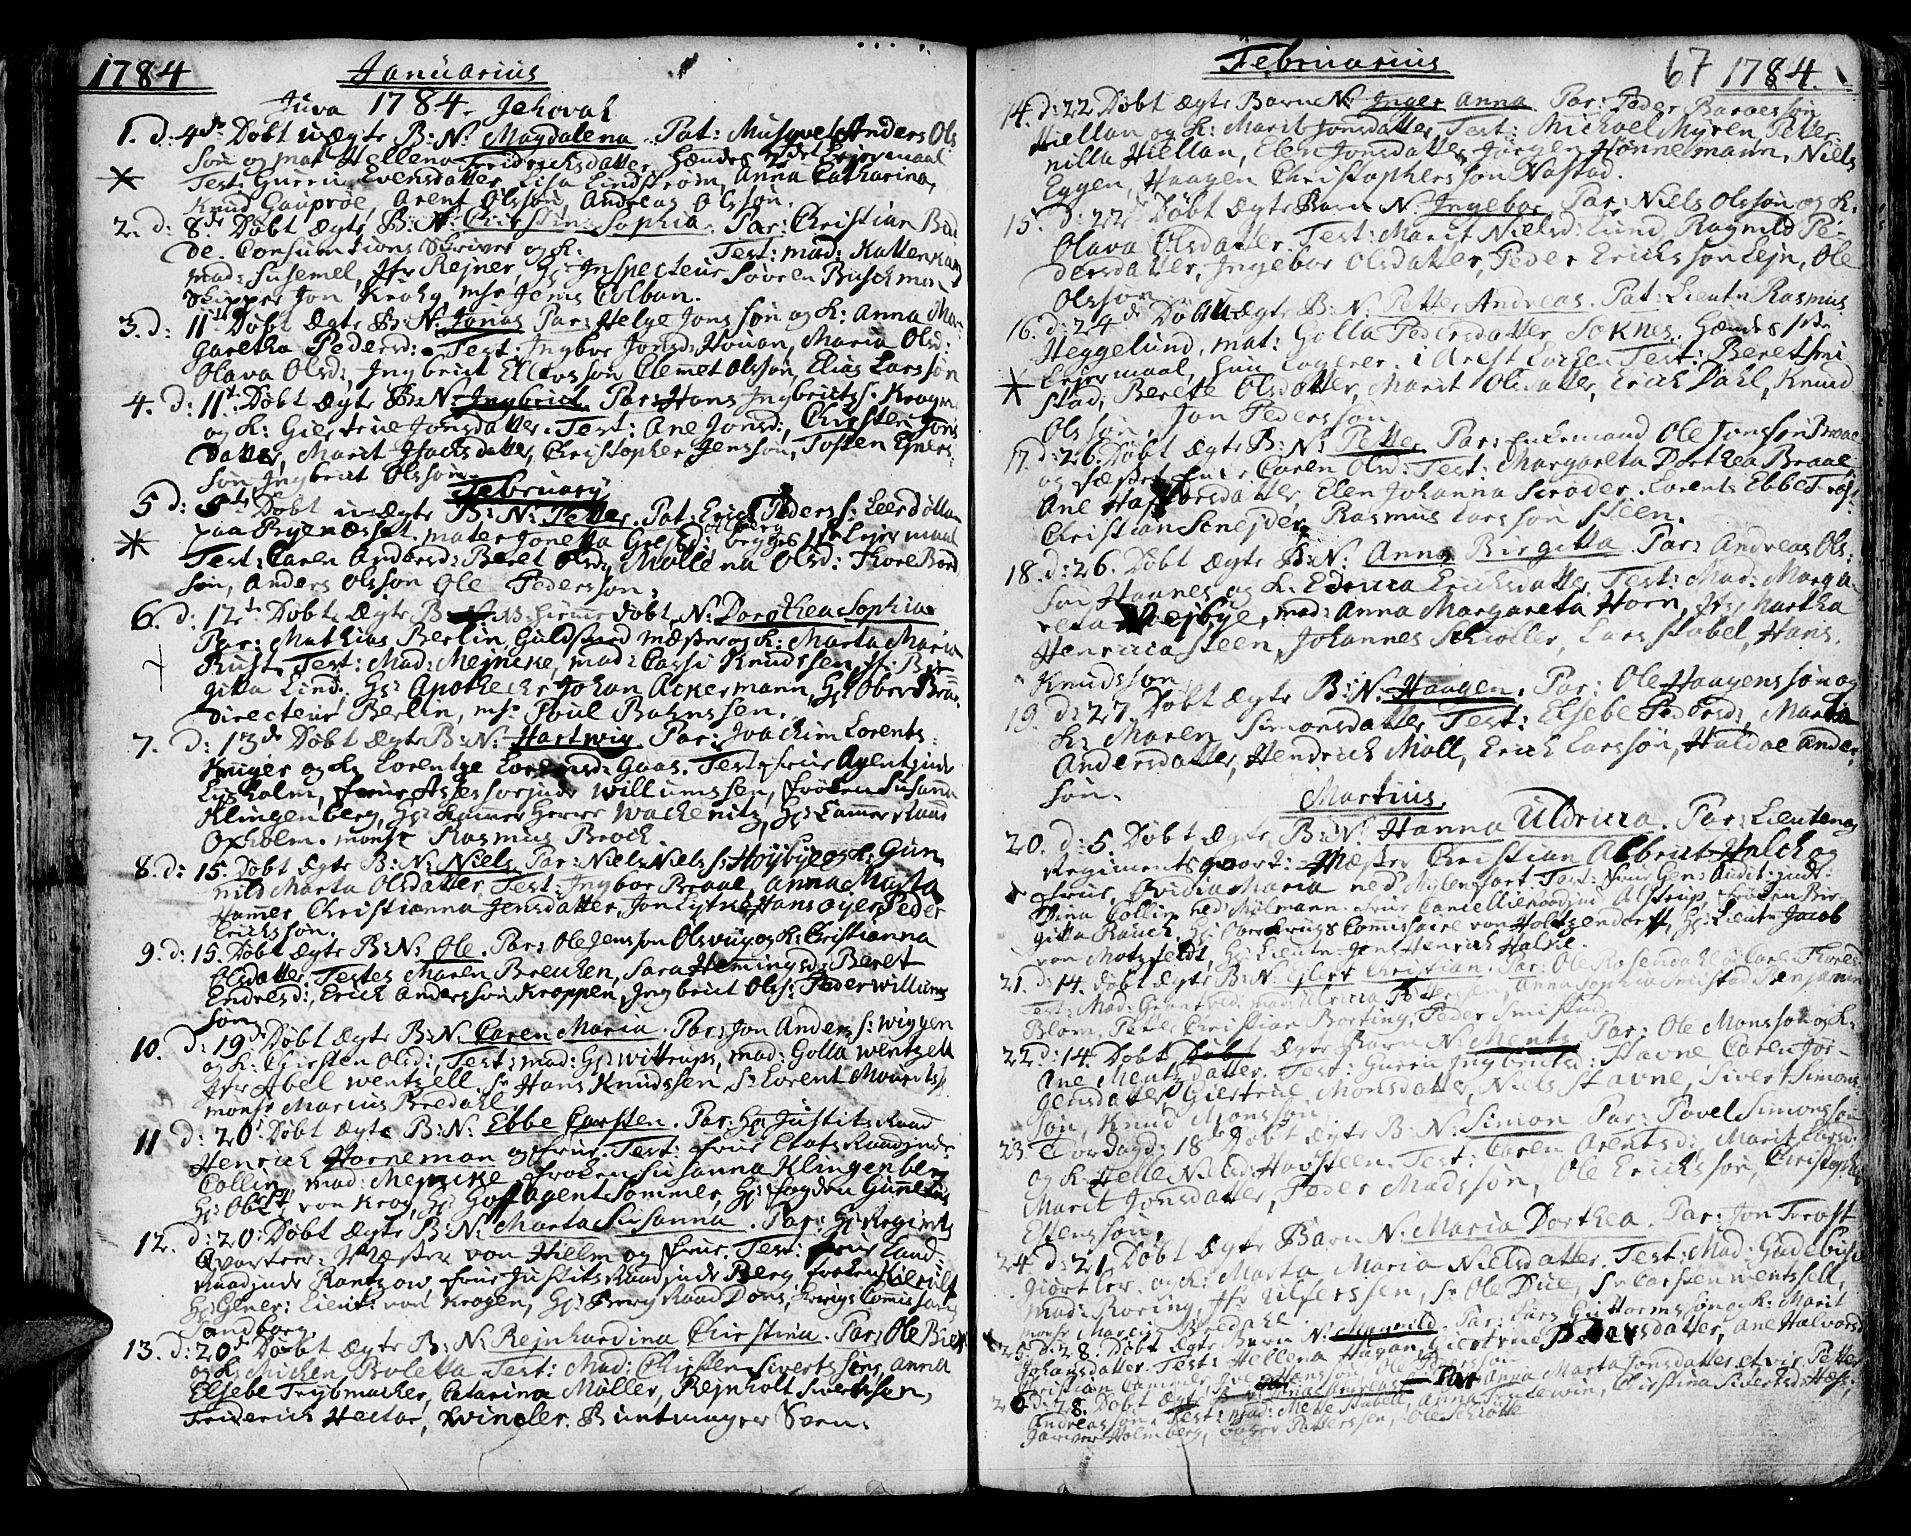 SAT, Ministerialprotokoller, klokkerbøker og fødselsregistre - Sør-Trøndelag, 601/L0039: Ministerialbok nr. 601A07, 1770-1819, s. 67